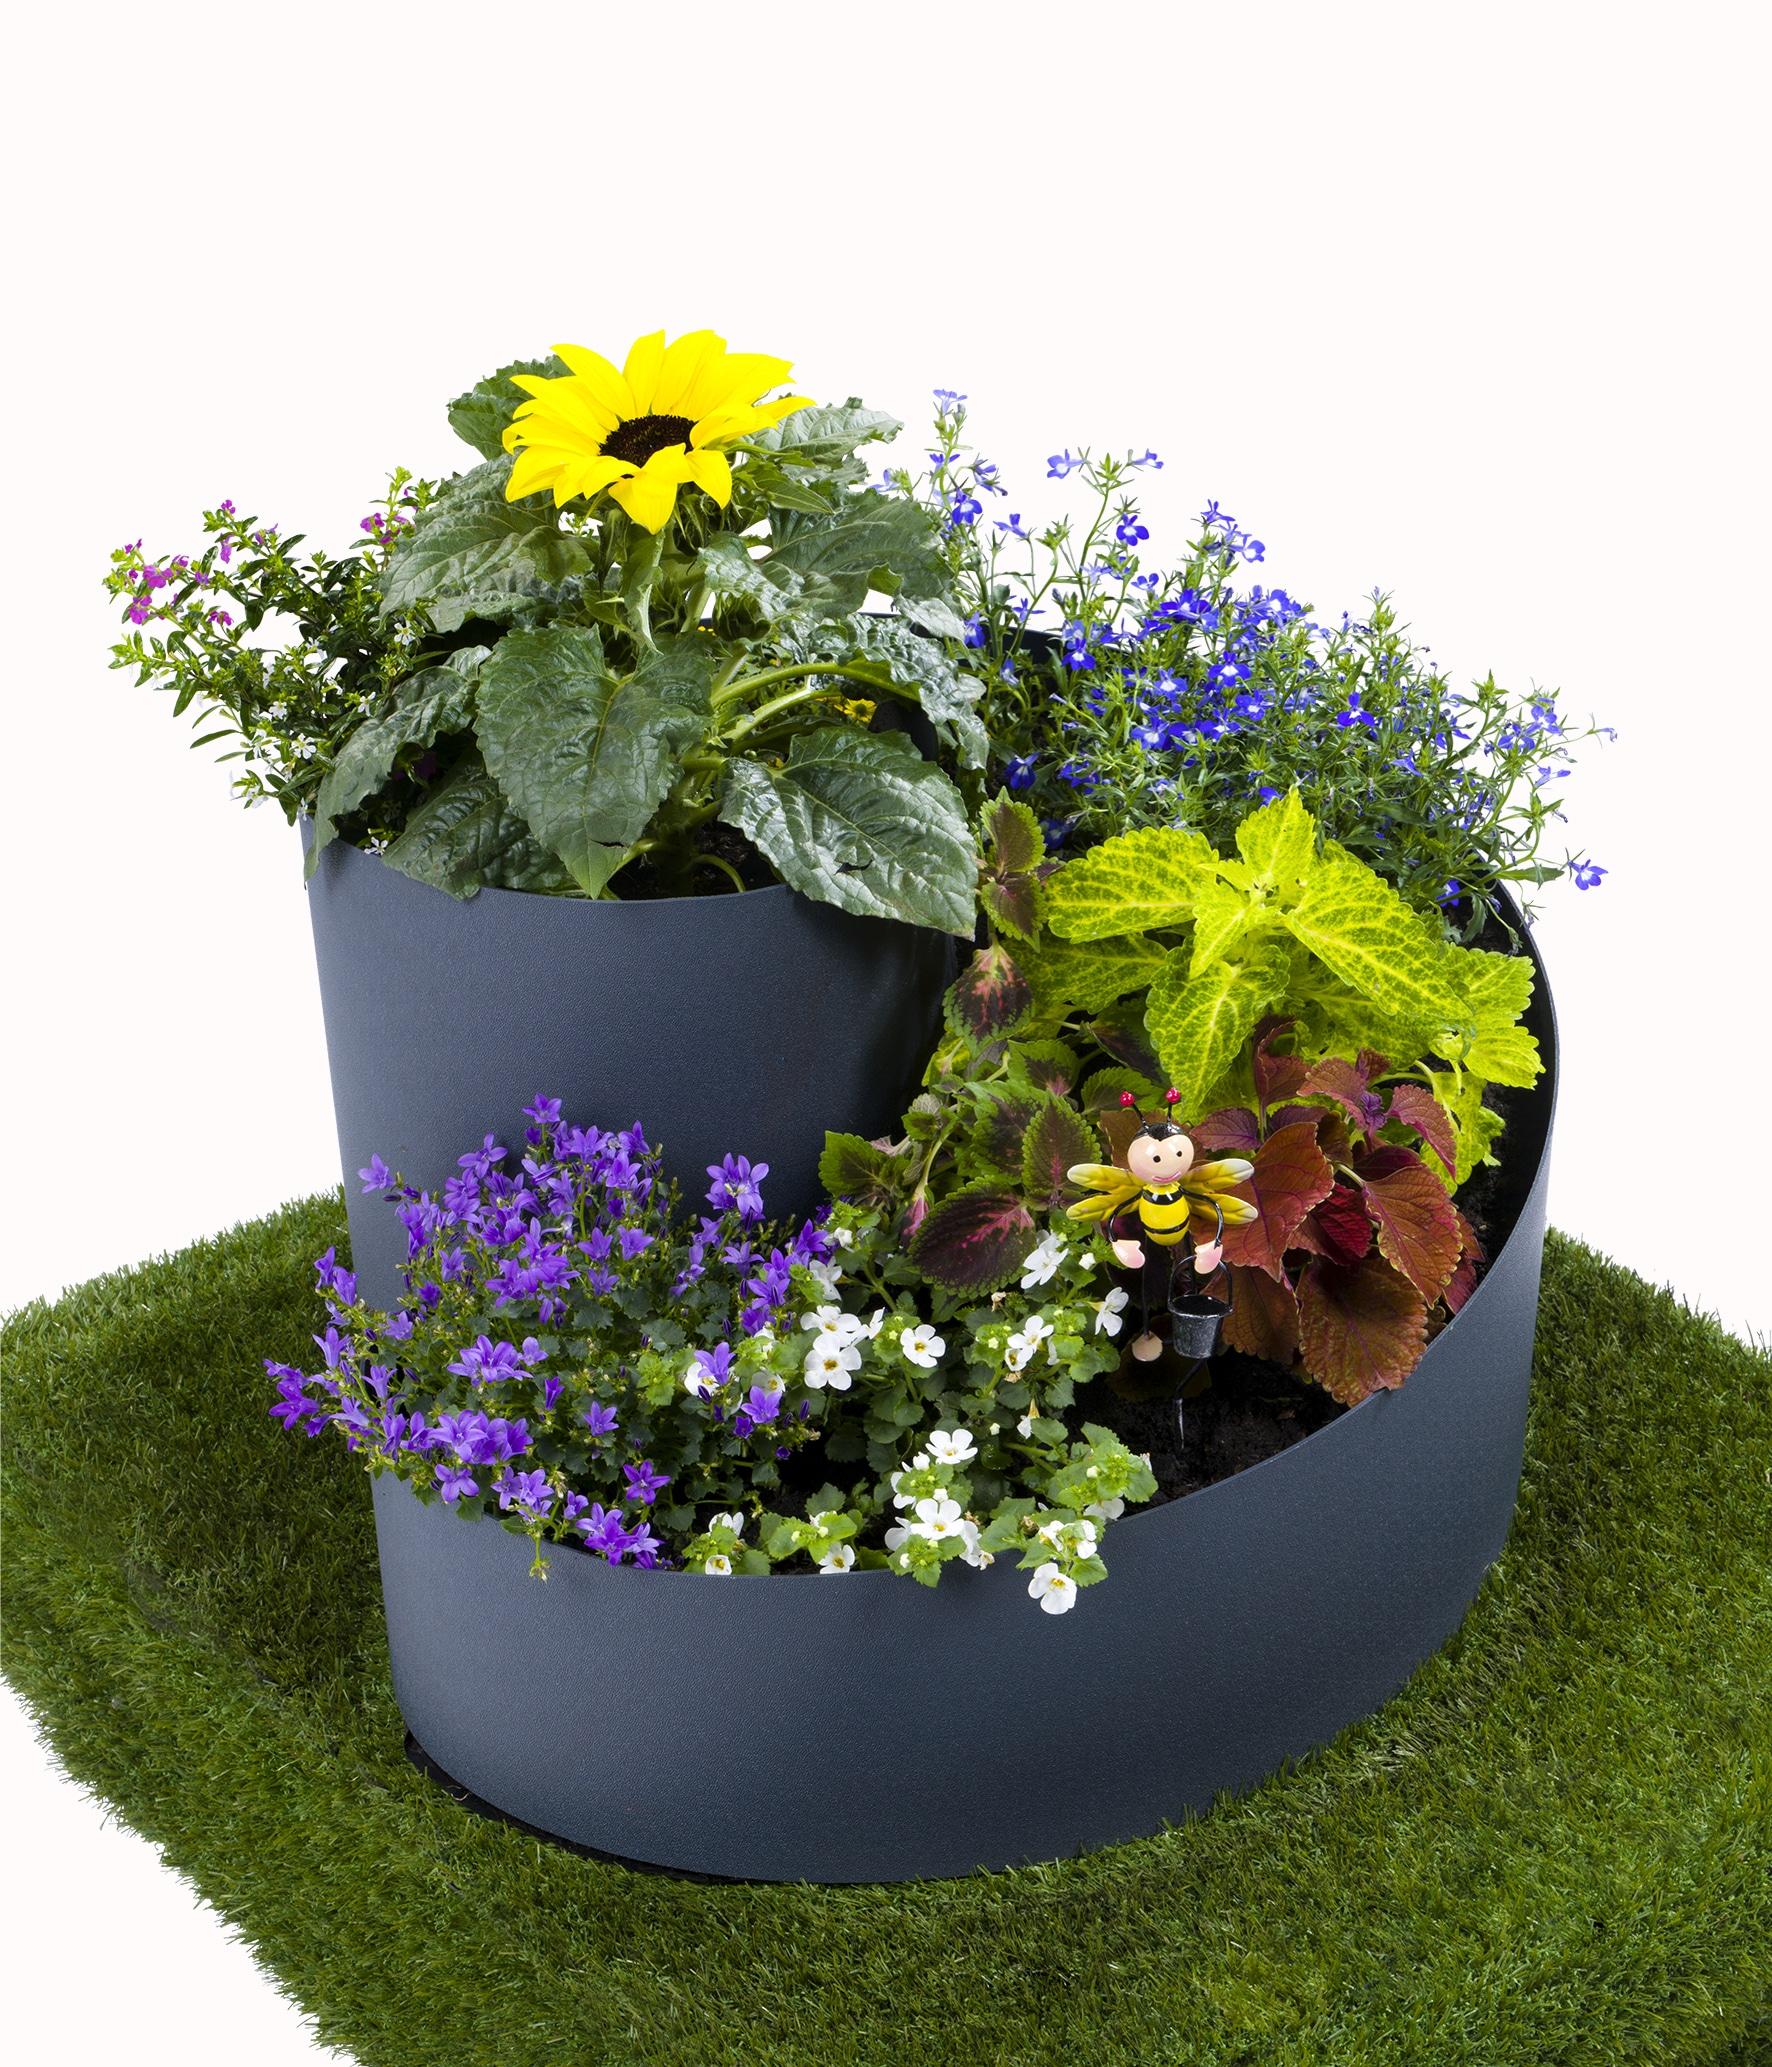 Bepflanzte Kräuterspirale mit bunten Blumen